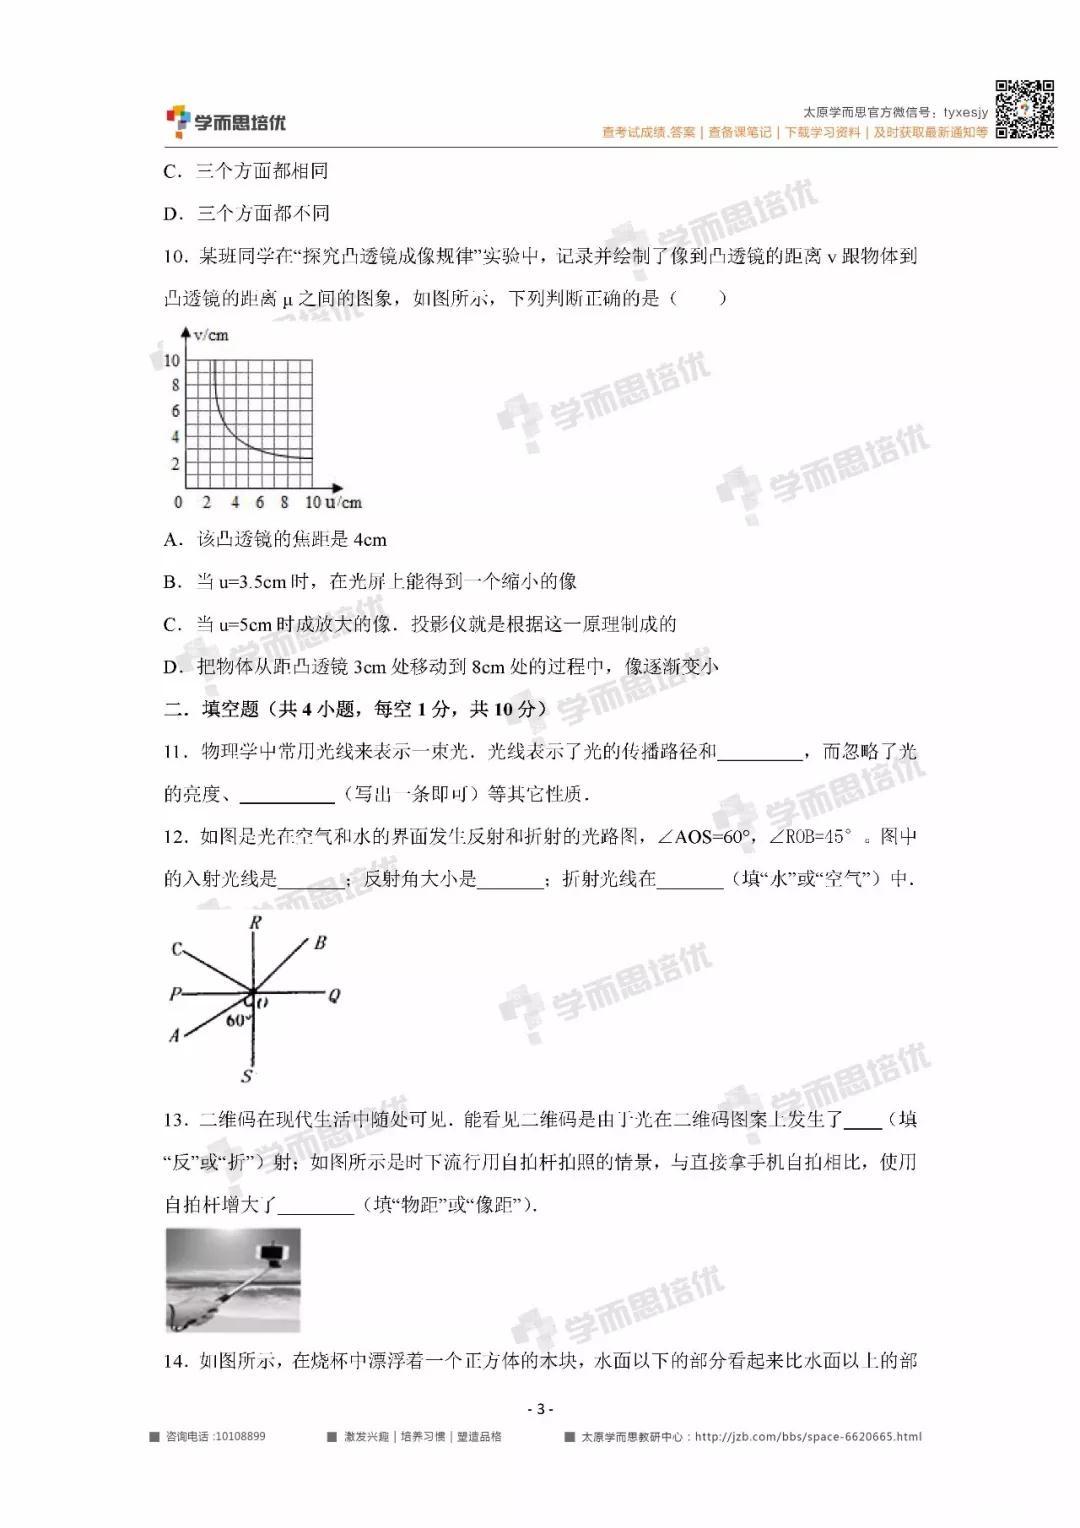 志达初二物理3.jpg